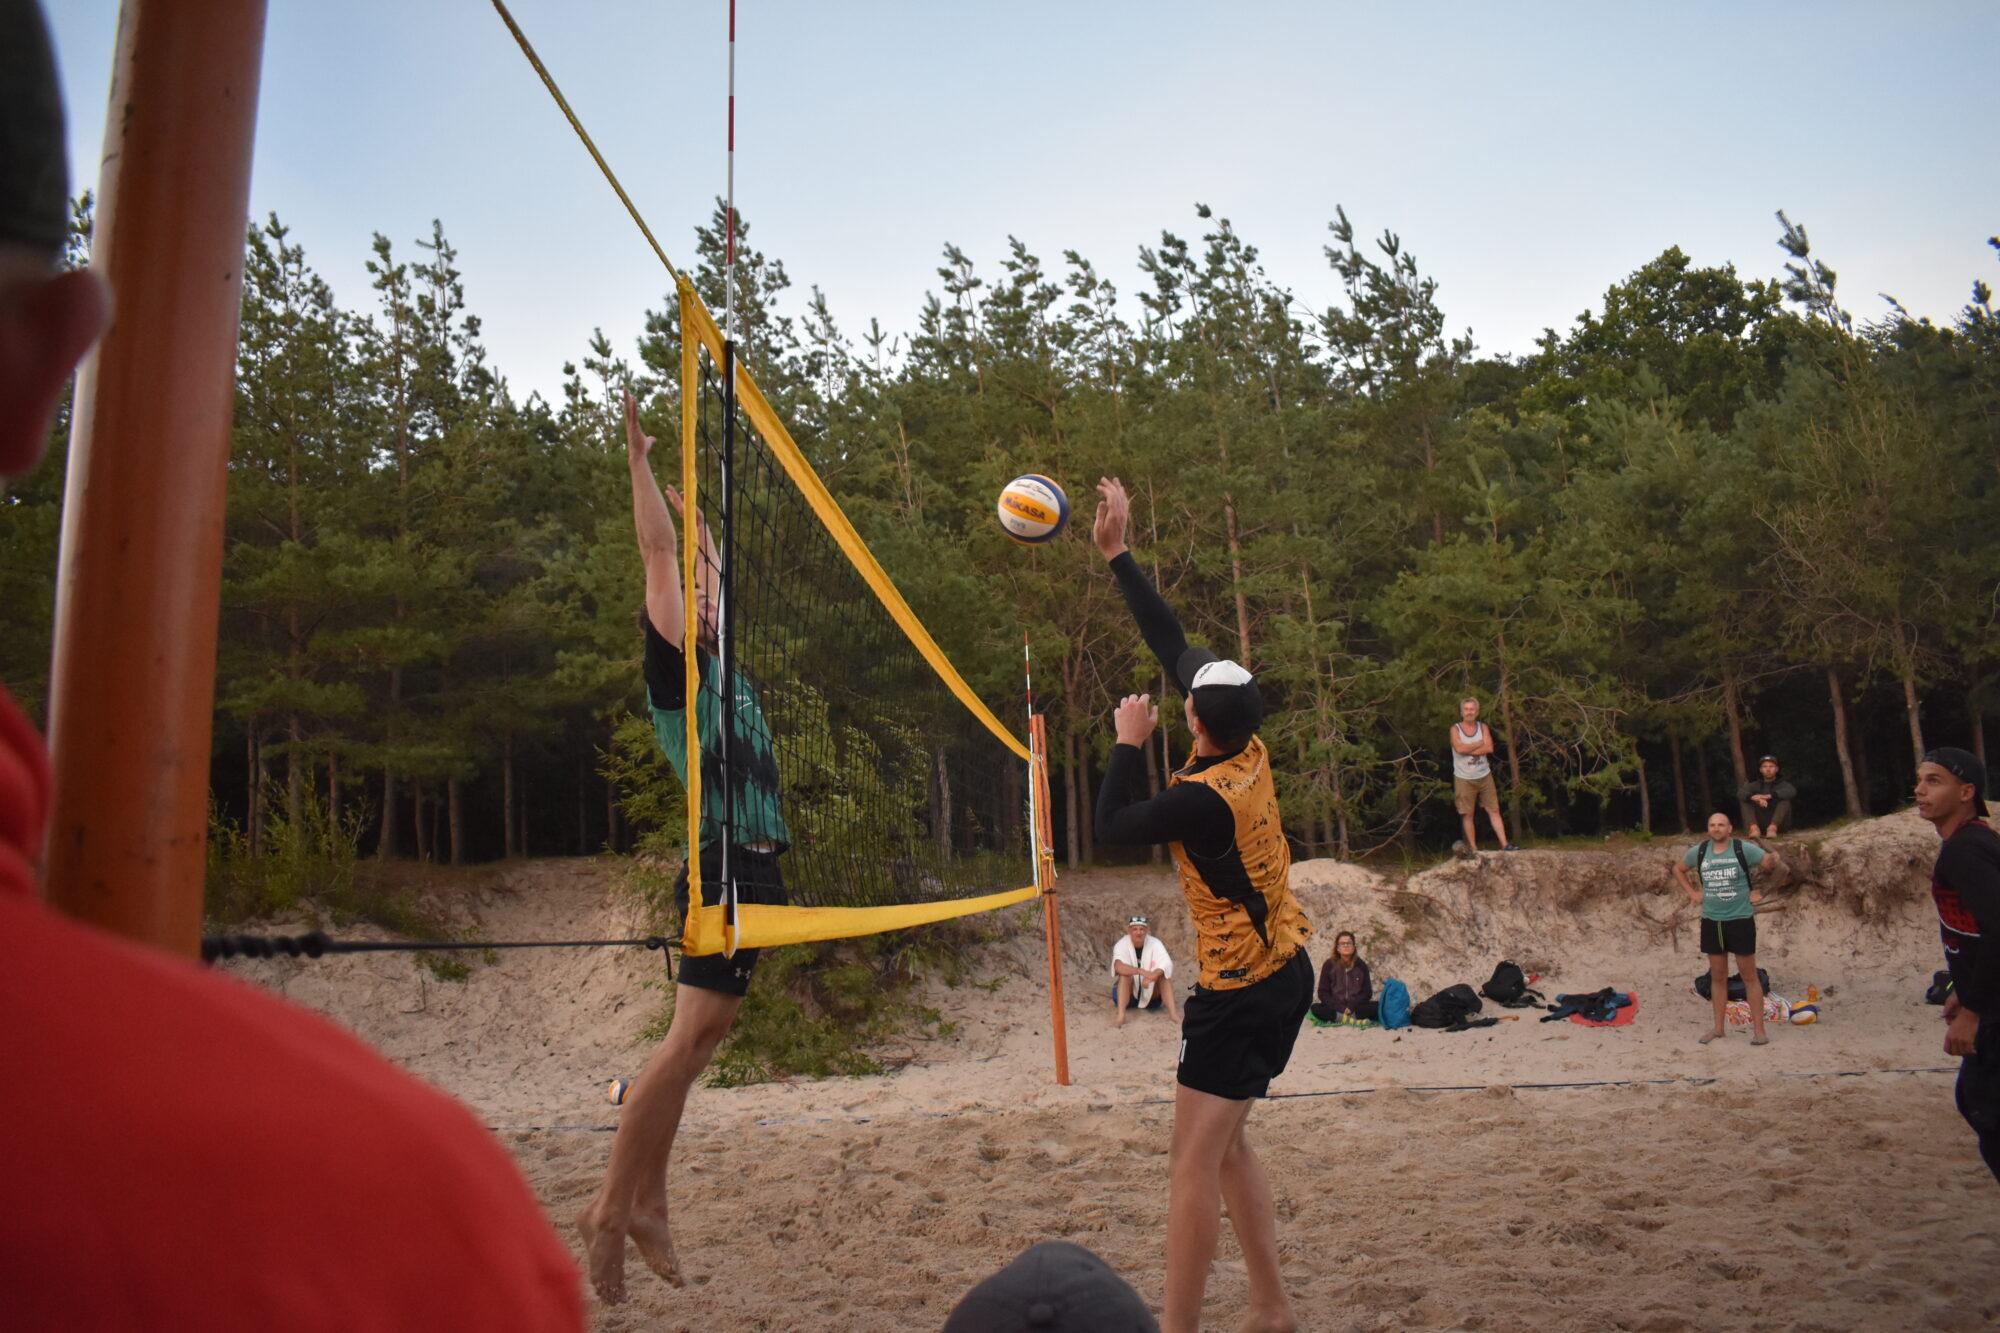 Liepājas pludmalē aizvadīts Liepājas pludmales volejbola līgas 5.posms